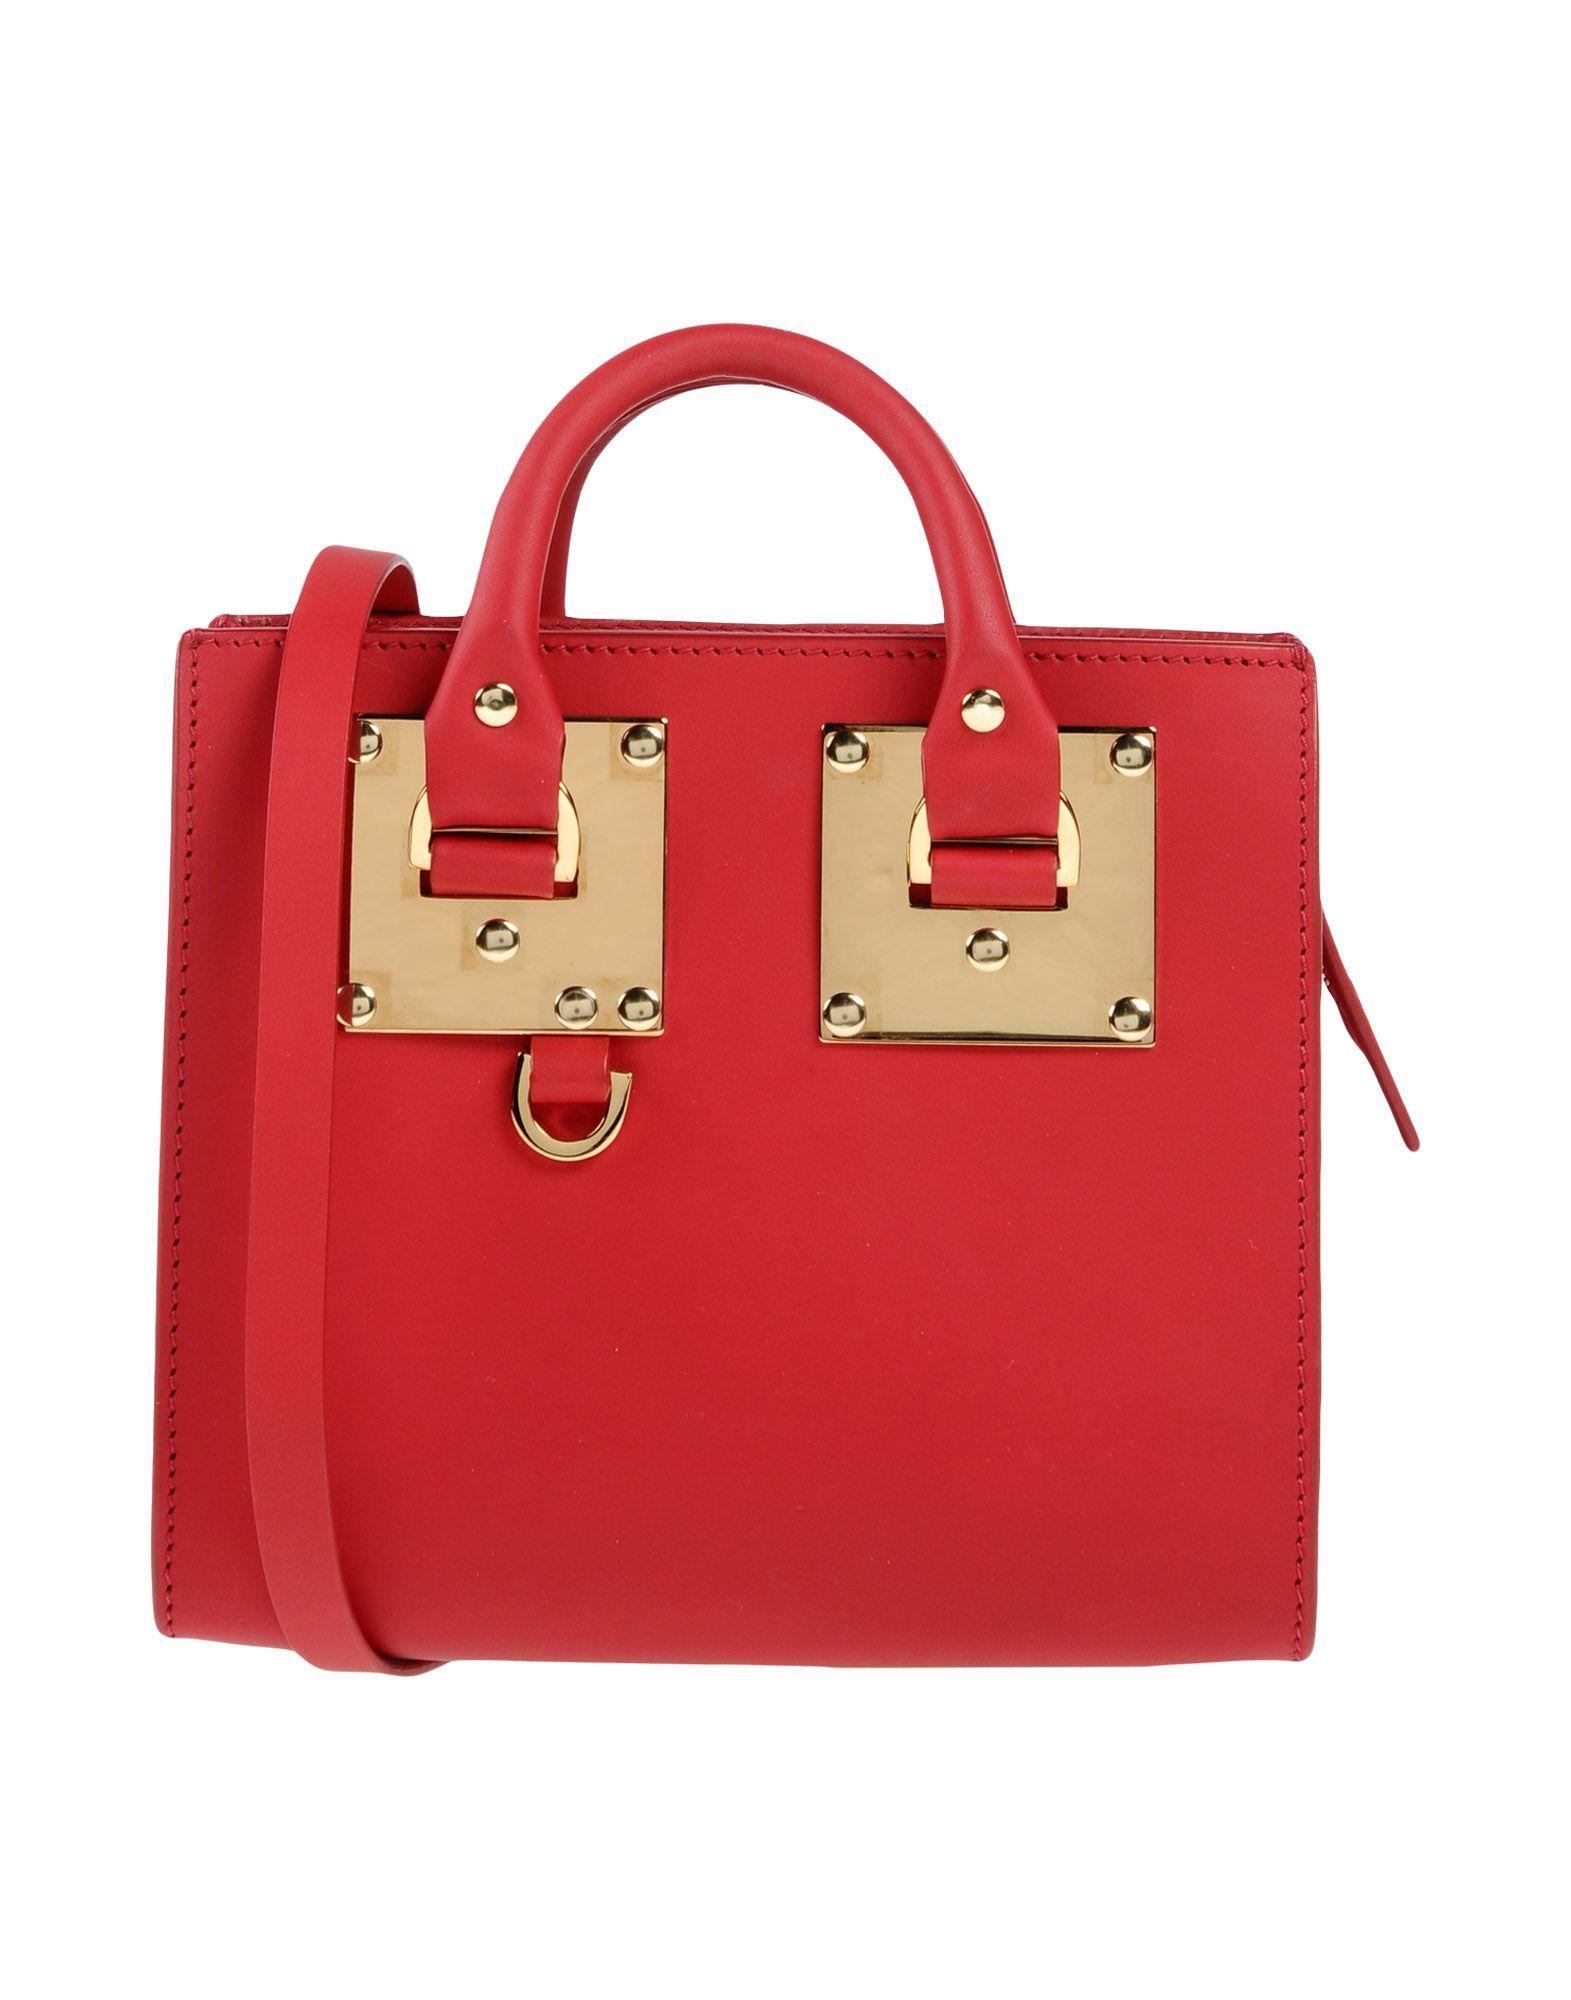 Proenza Schouler Handbags In Red